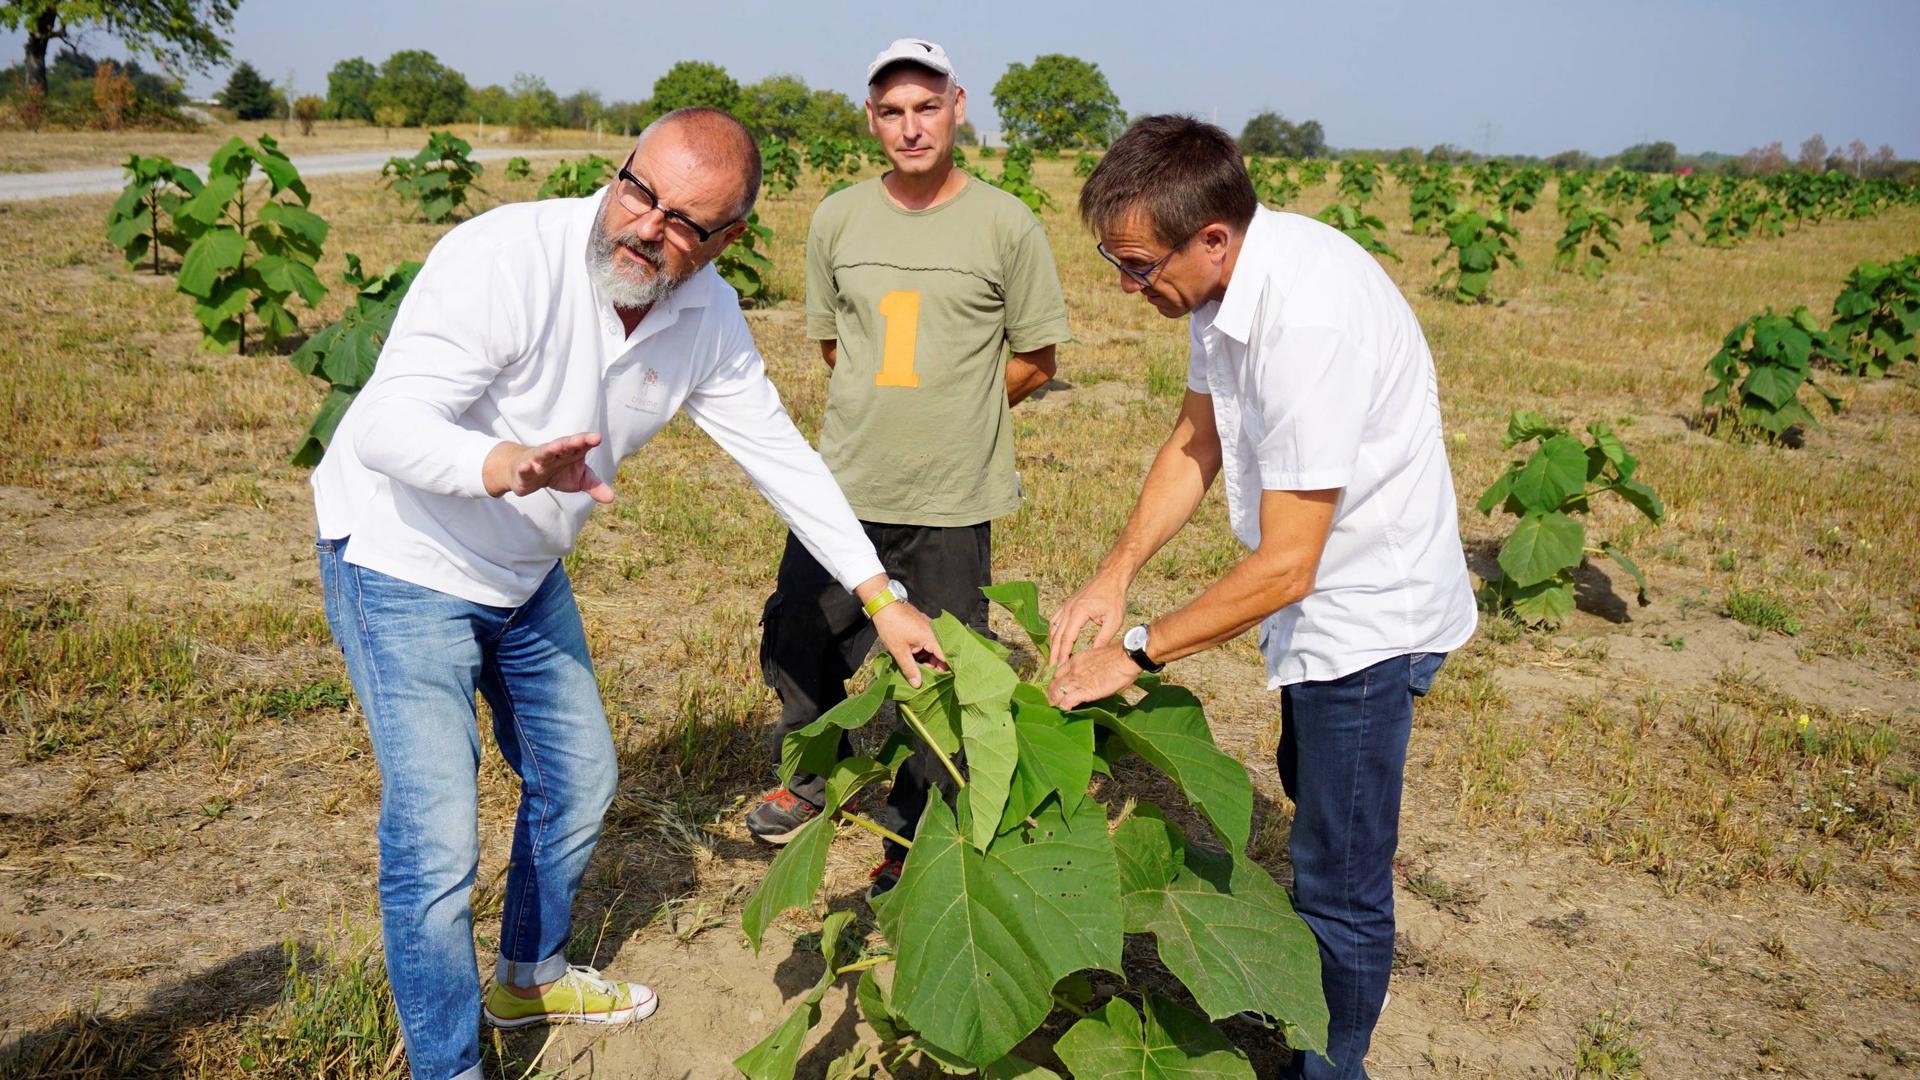 Der Start der Pflanzaktion von Paulownia-Bäumen erfolgte im vergangenen Jahr. Zwischenzeitlich wurden die Pflanzen deutlich zurückgeschnitten.